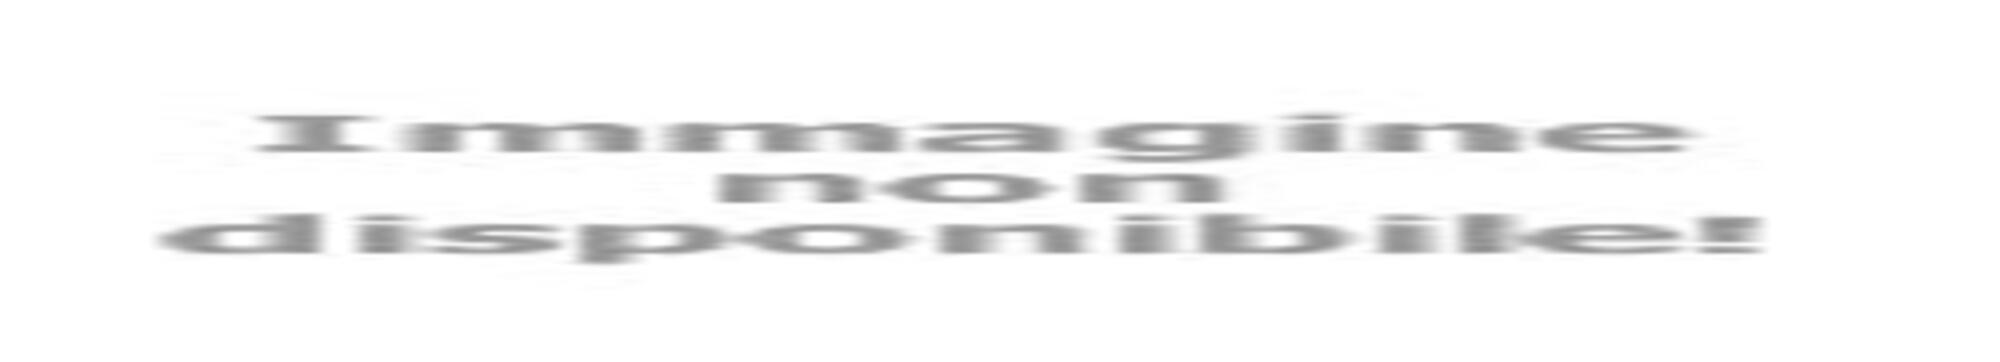 Vacanze Enogastronomiche Toscana - Costa degli Etruschi: Strada del Vino e dell'Olio